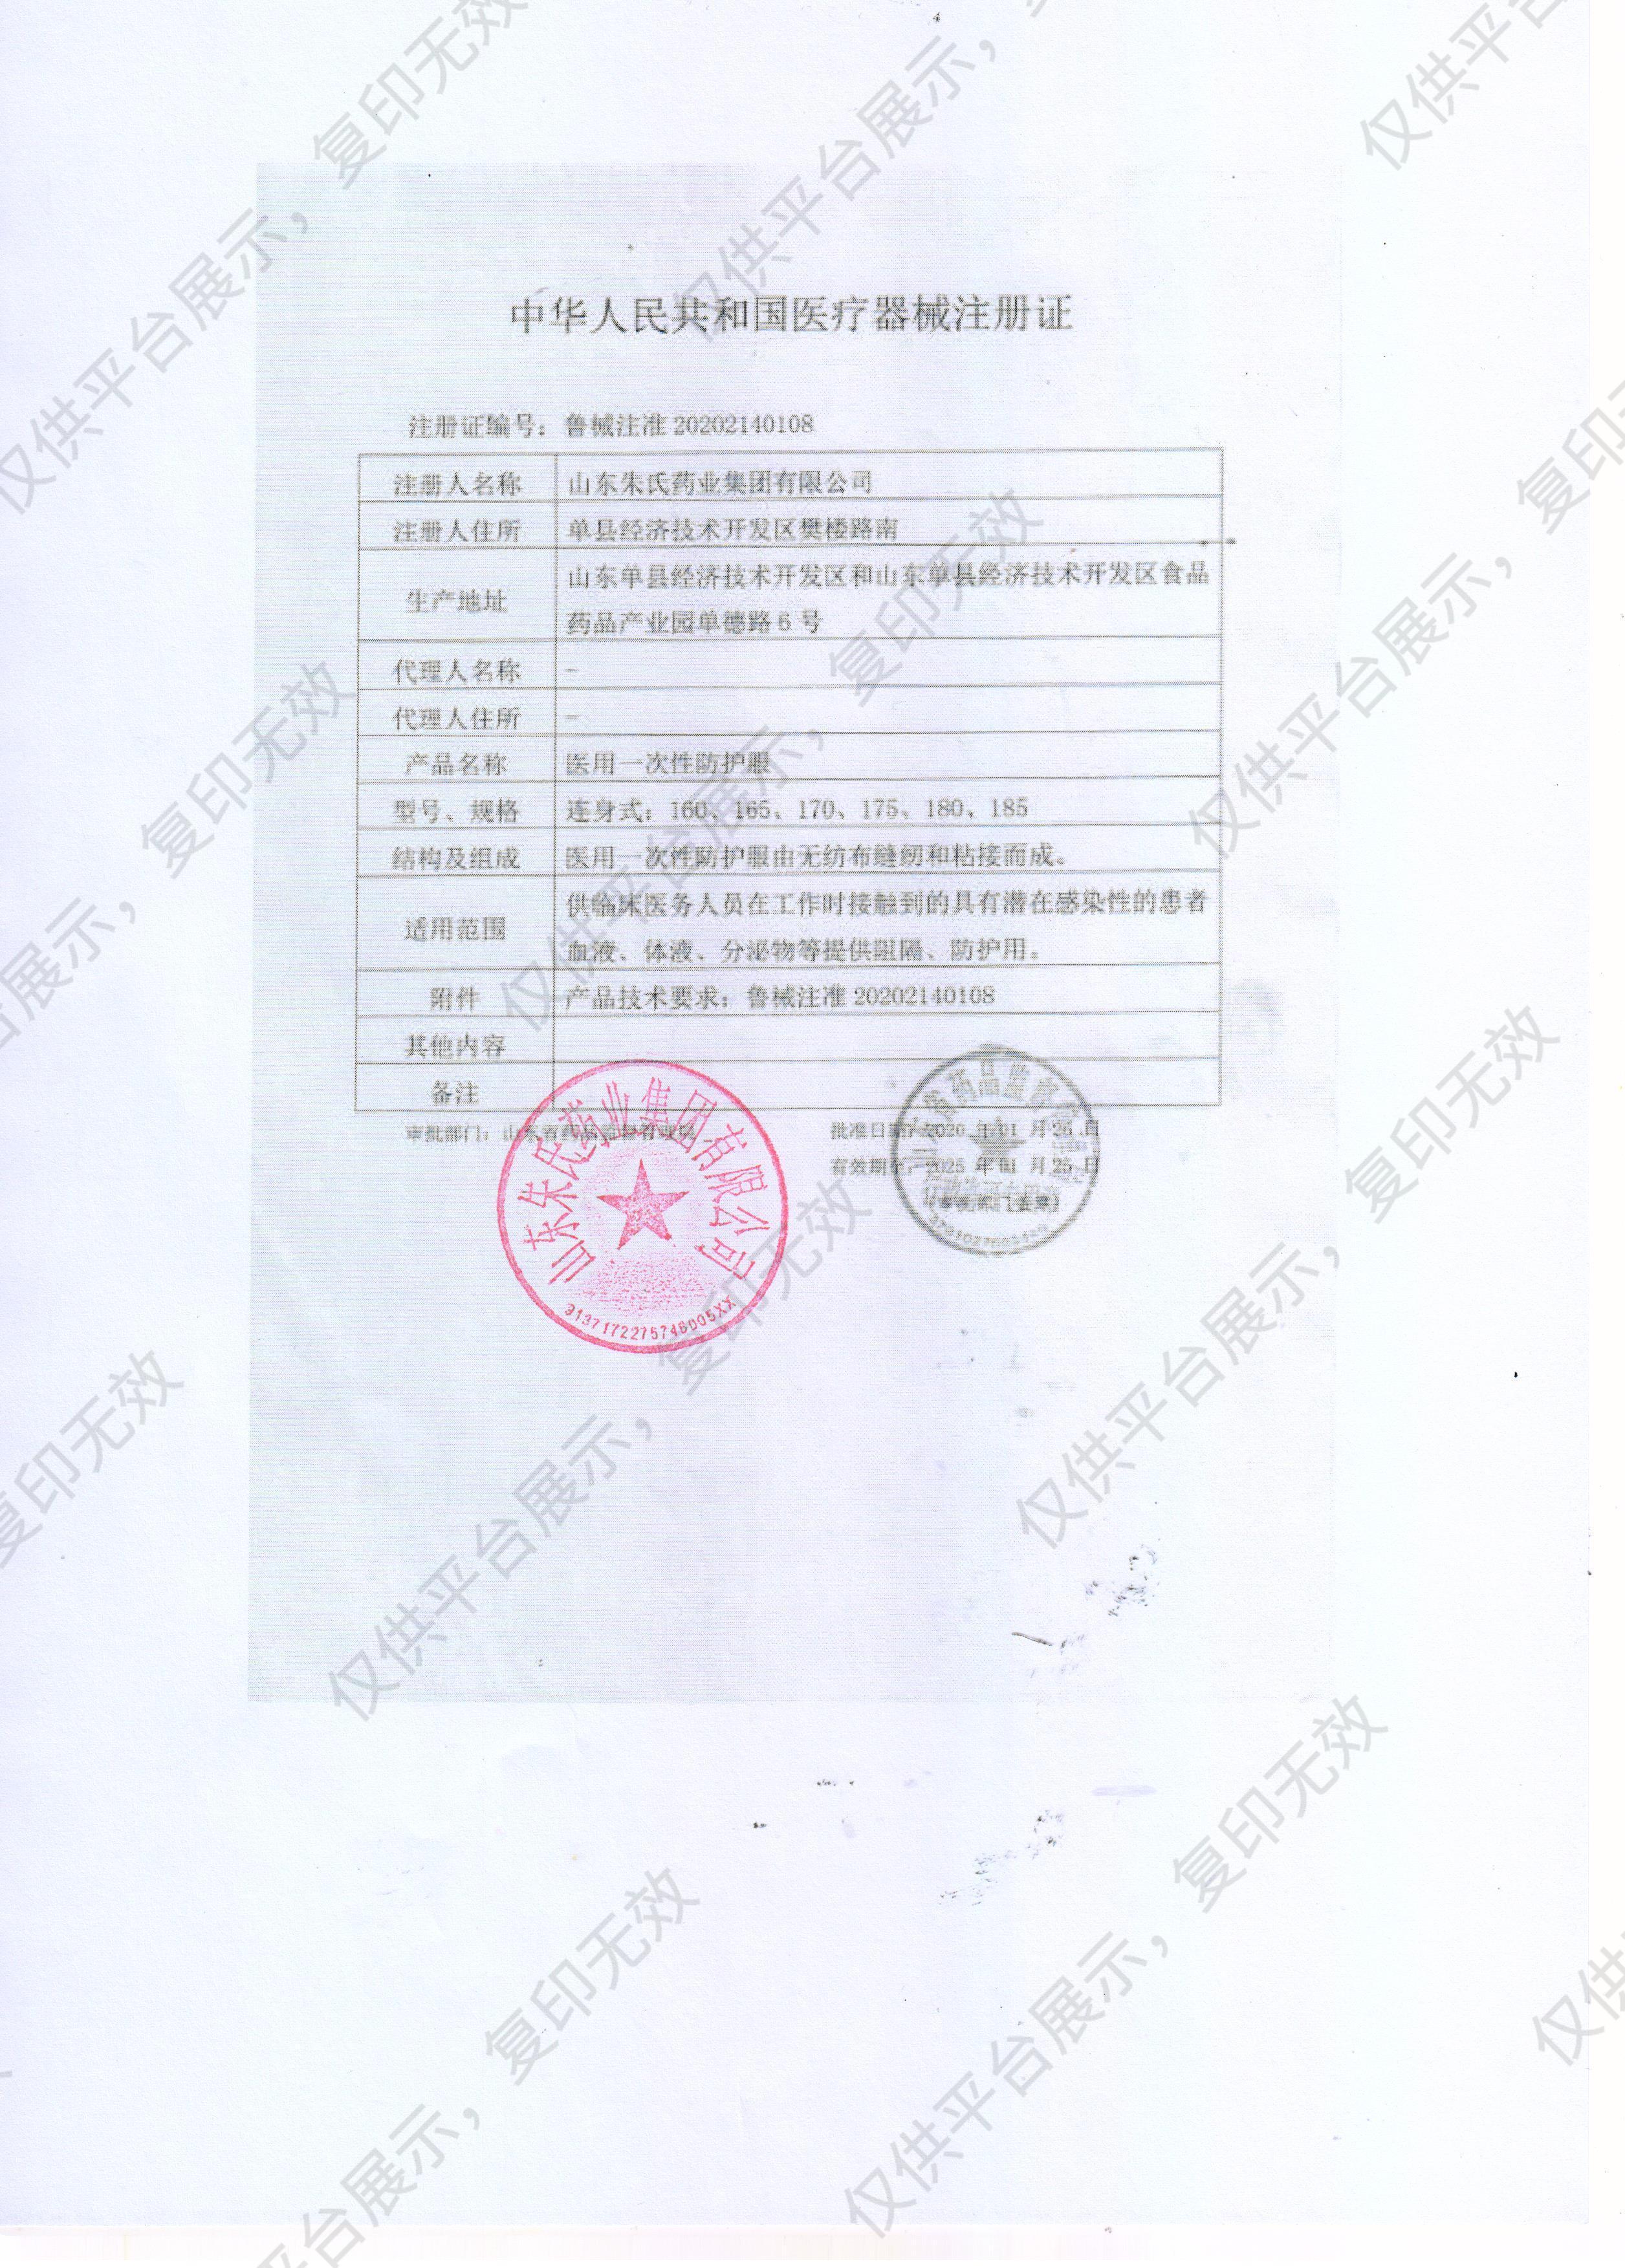 东贝  一次性医用防护服 180  (1件/袋 20件/箱)注册证